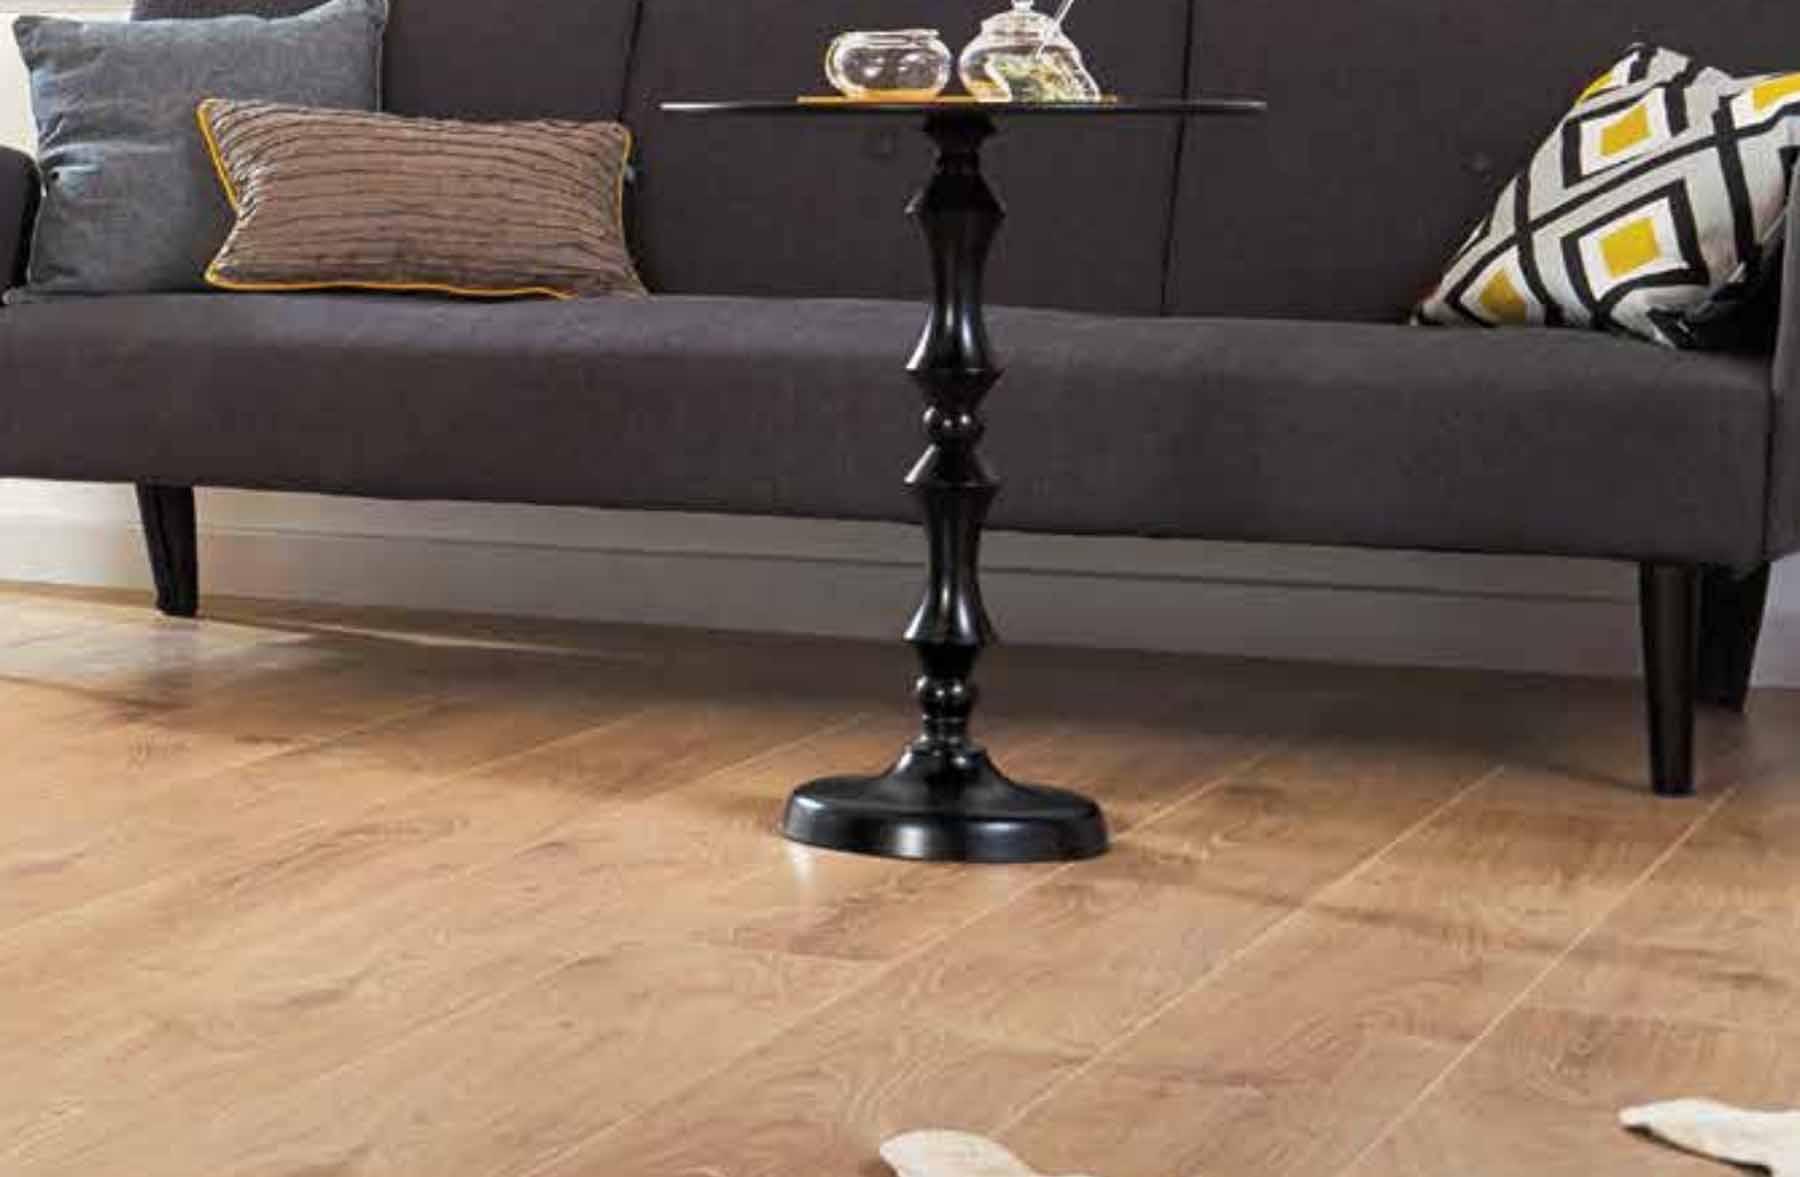 godfrey_hirst_floors-orion_cashback_offer-homepage_slider_0.jpg